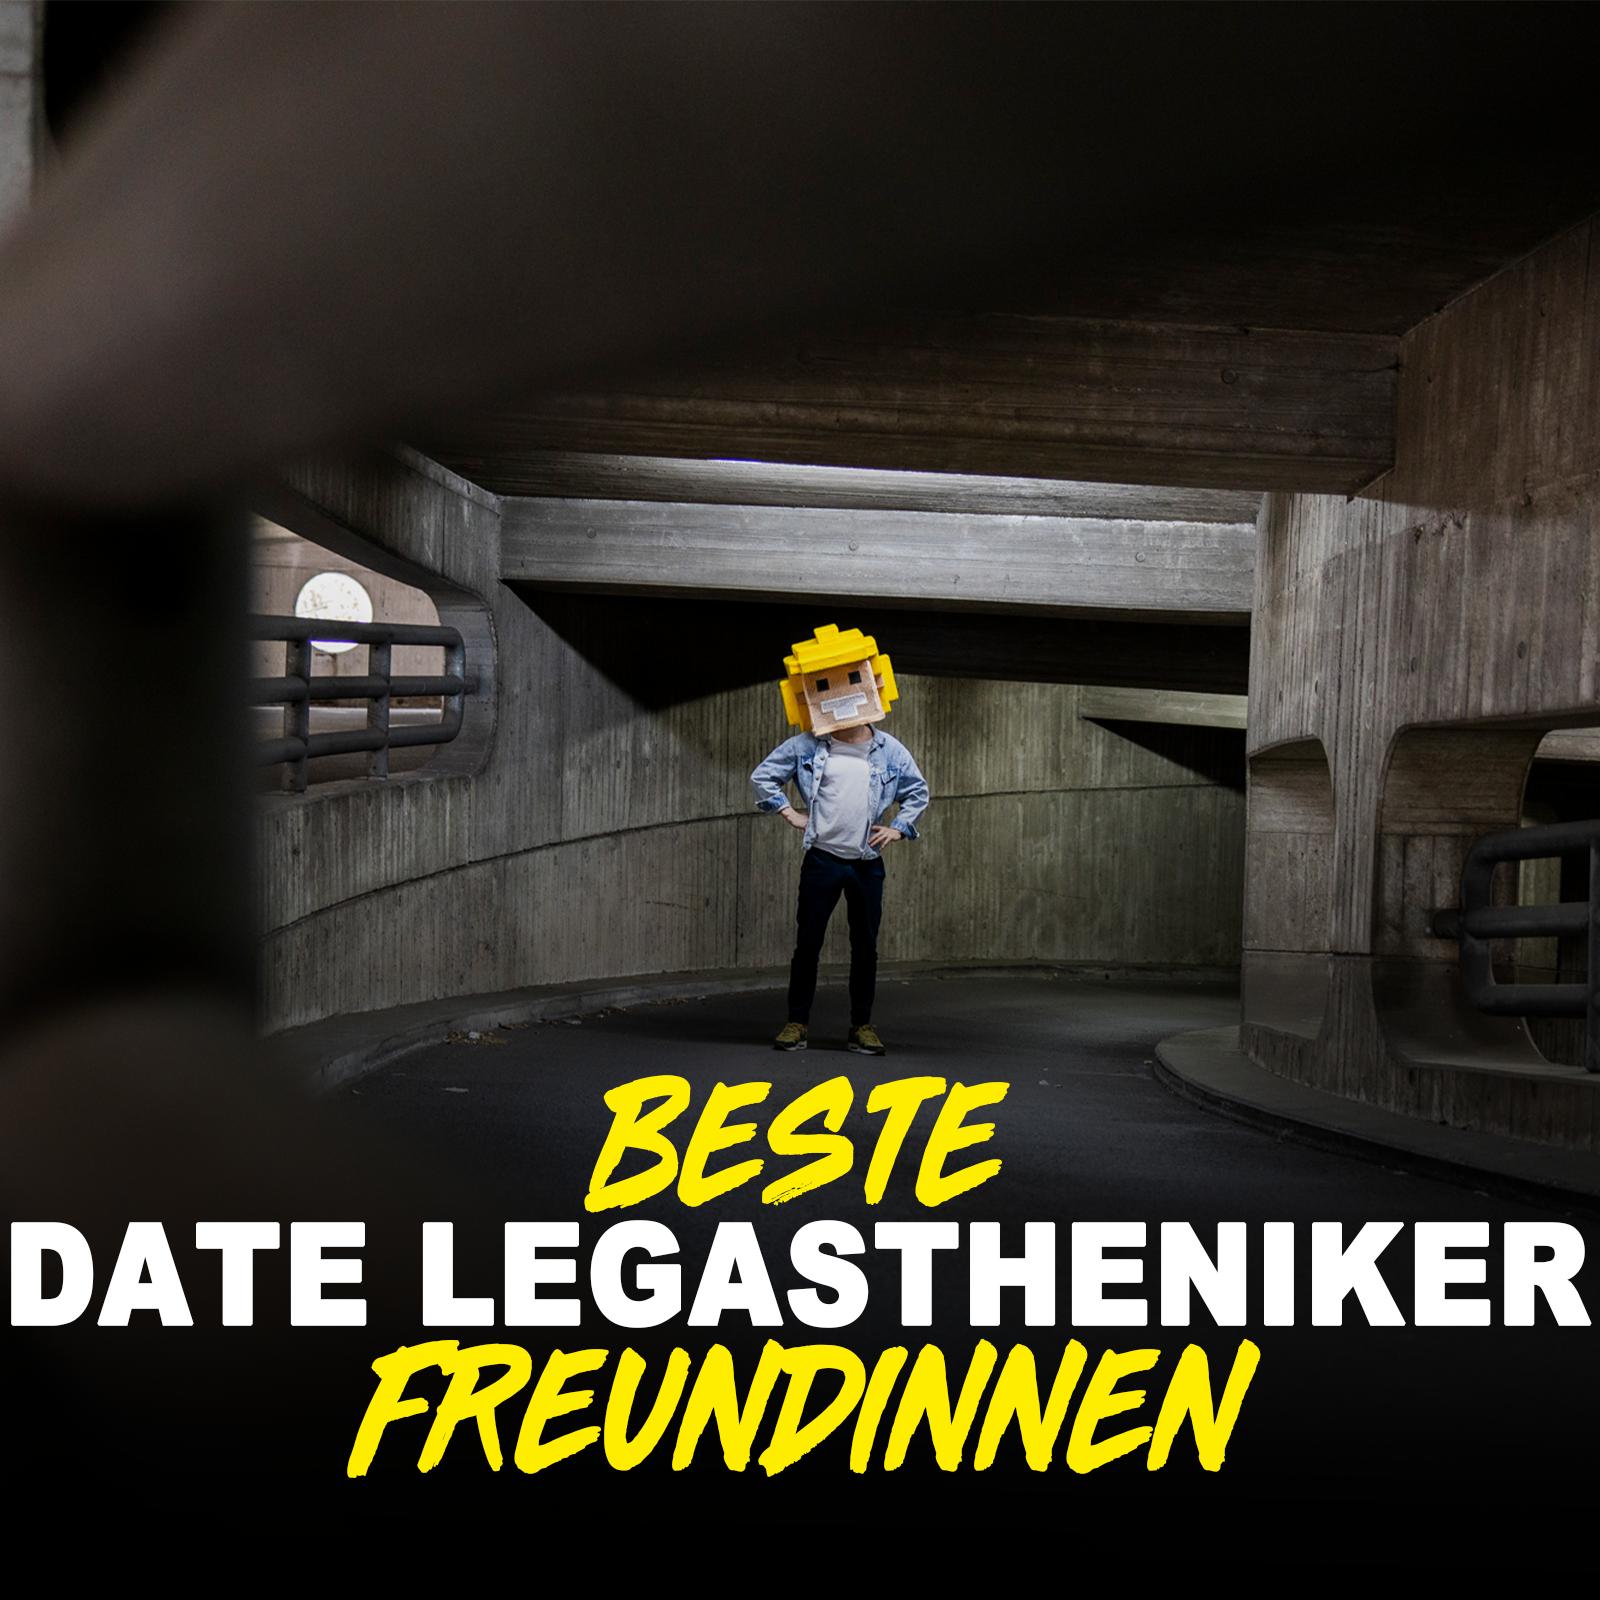 Date Legastheniker